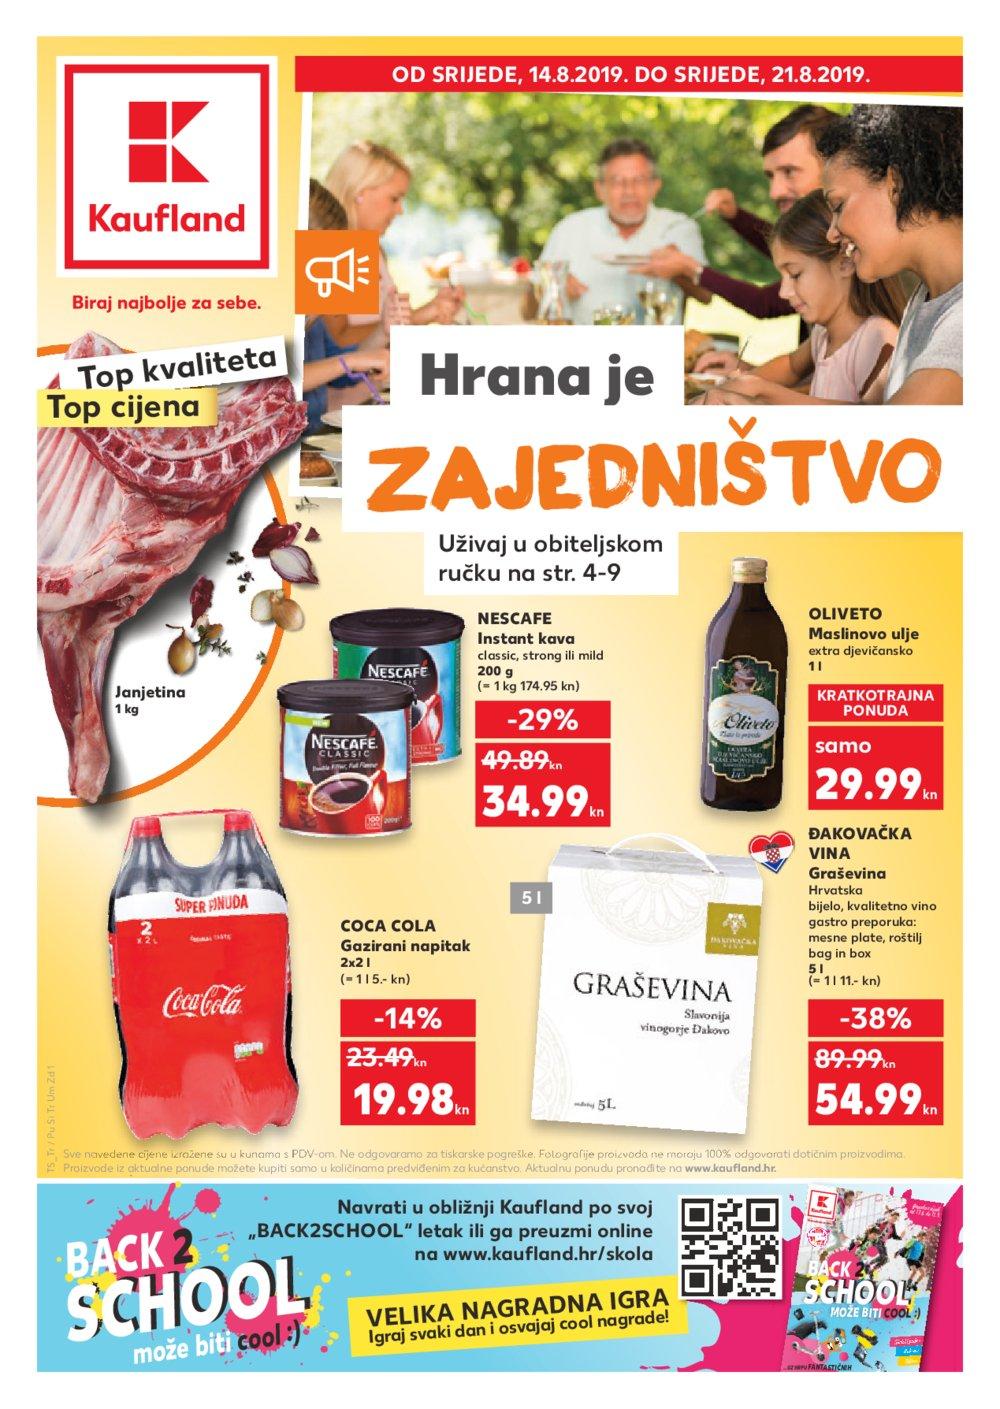 Kaufland katalog Akcija 14.08.-21.08.2019. Pu, Ši, Tr, Um, Zd, Zd Sinjoretovo